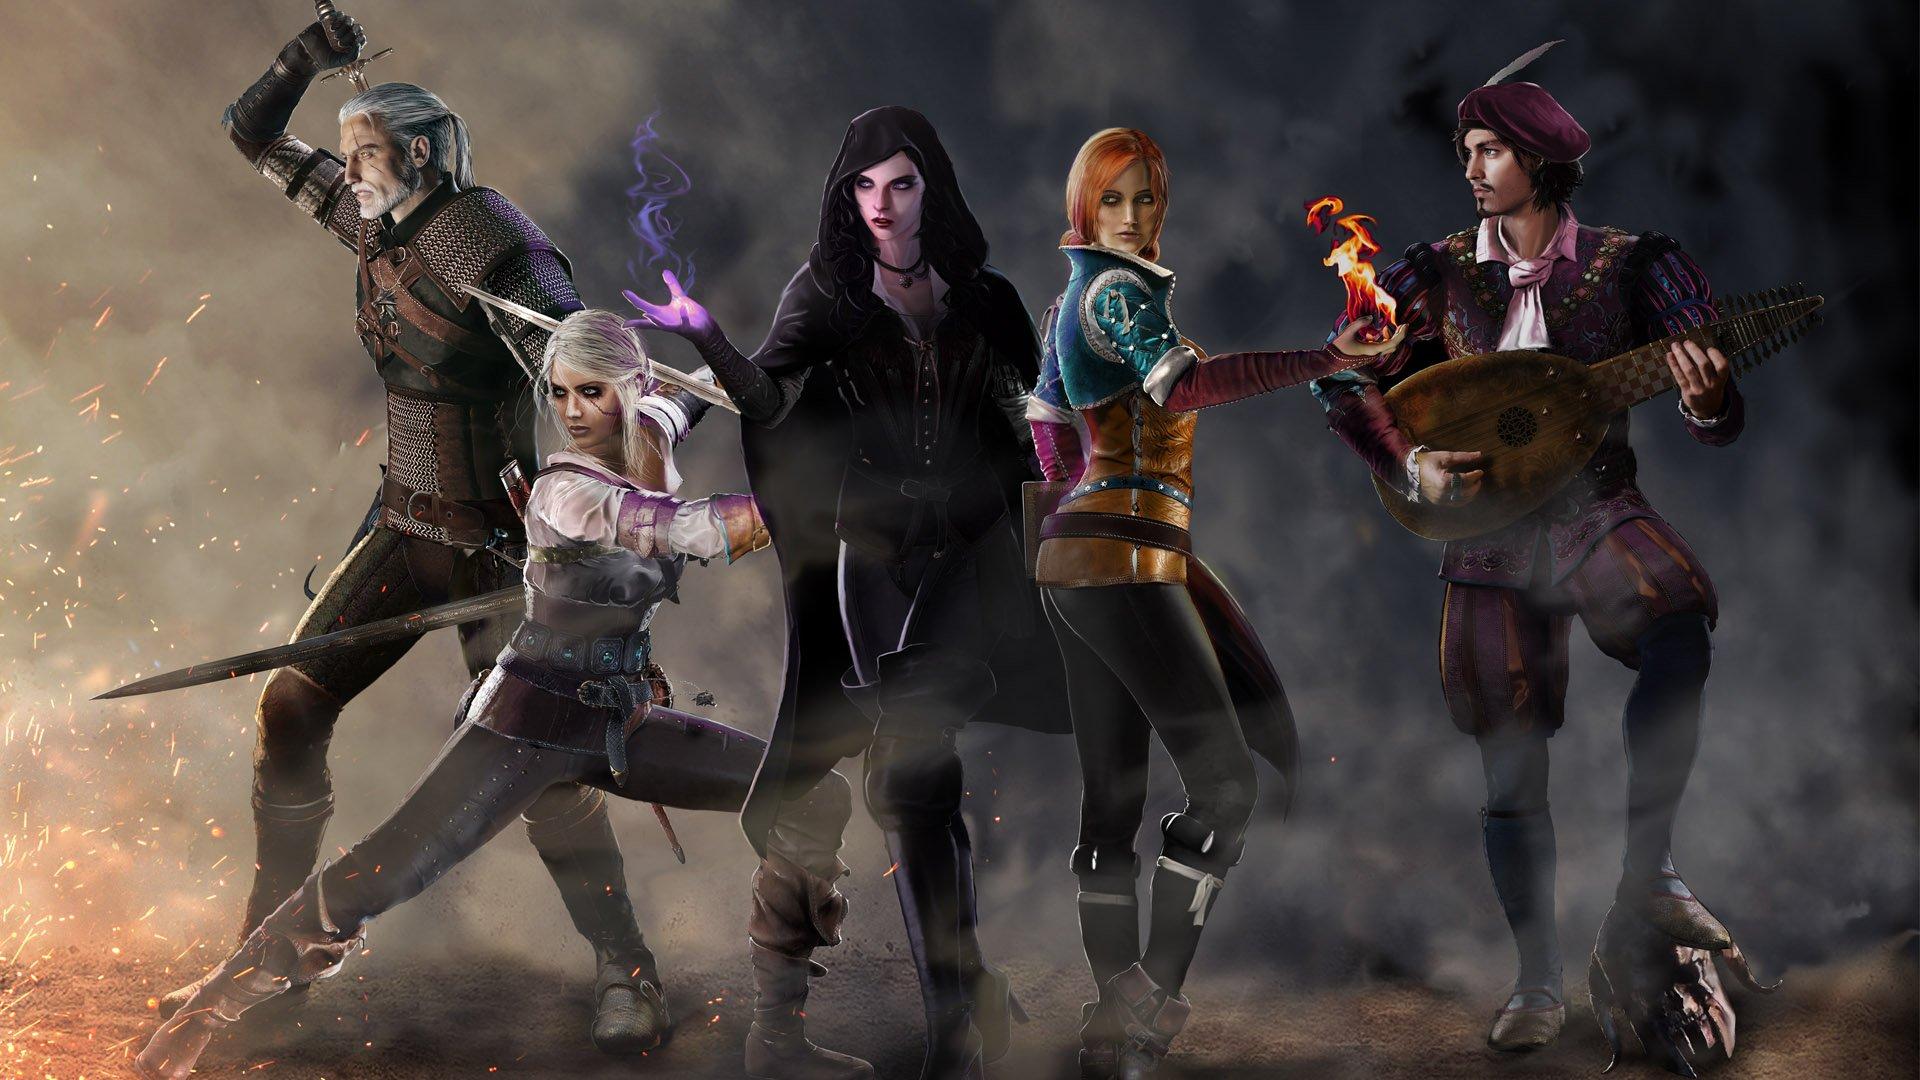 The Witcher 3: Wild Hunt. Обзор Ведьмак 3: Дикая Охота - после 12 часов от Антона Логвинова.   По многочисленным ком ... - Изображение 1